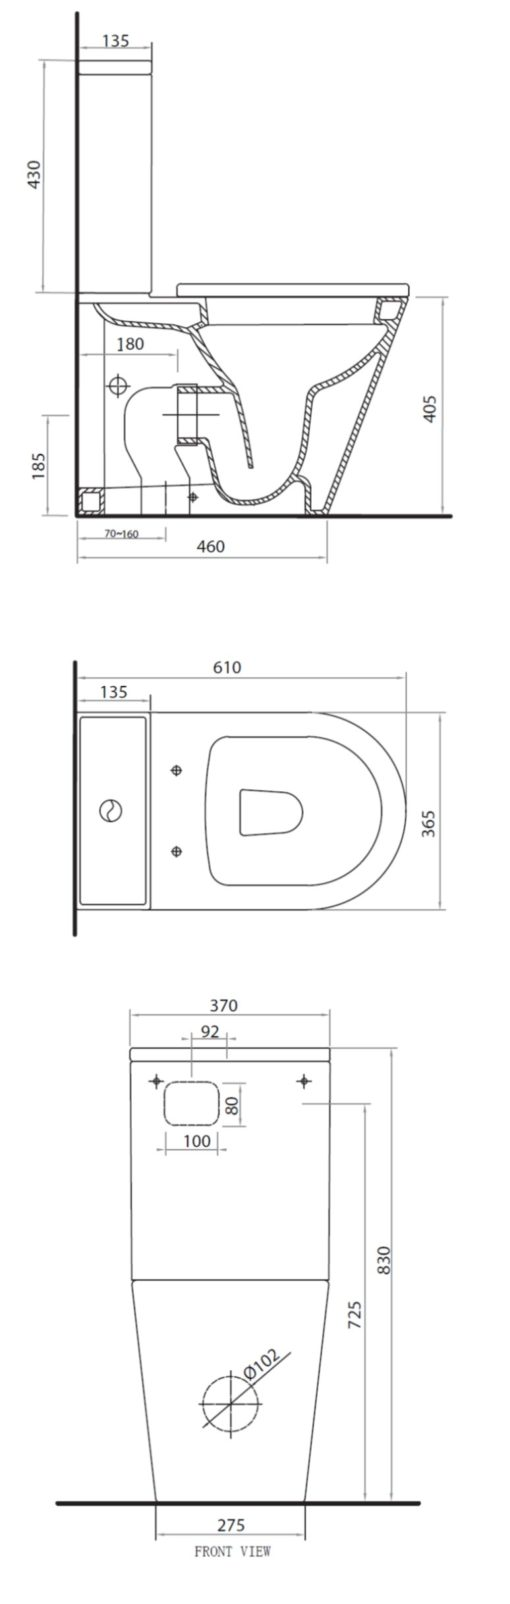 Parisi Linfa PN Close Coupled Toilet Specs